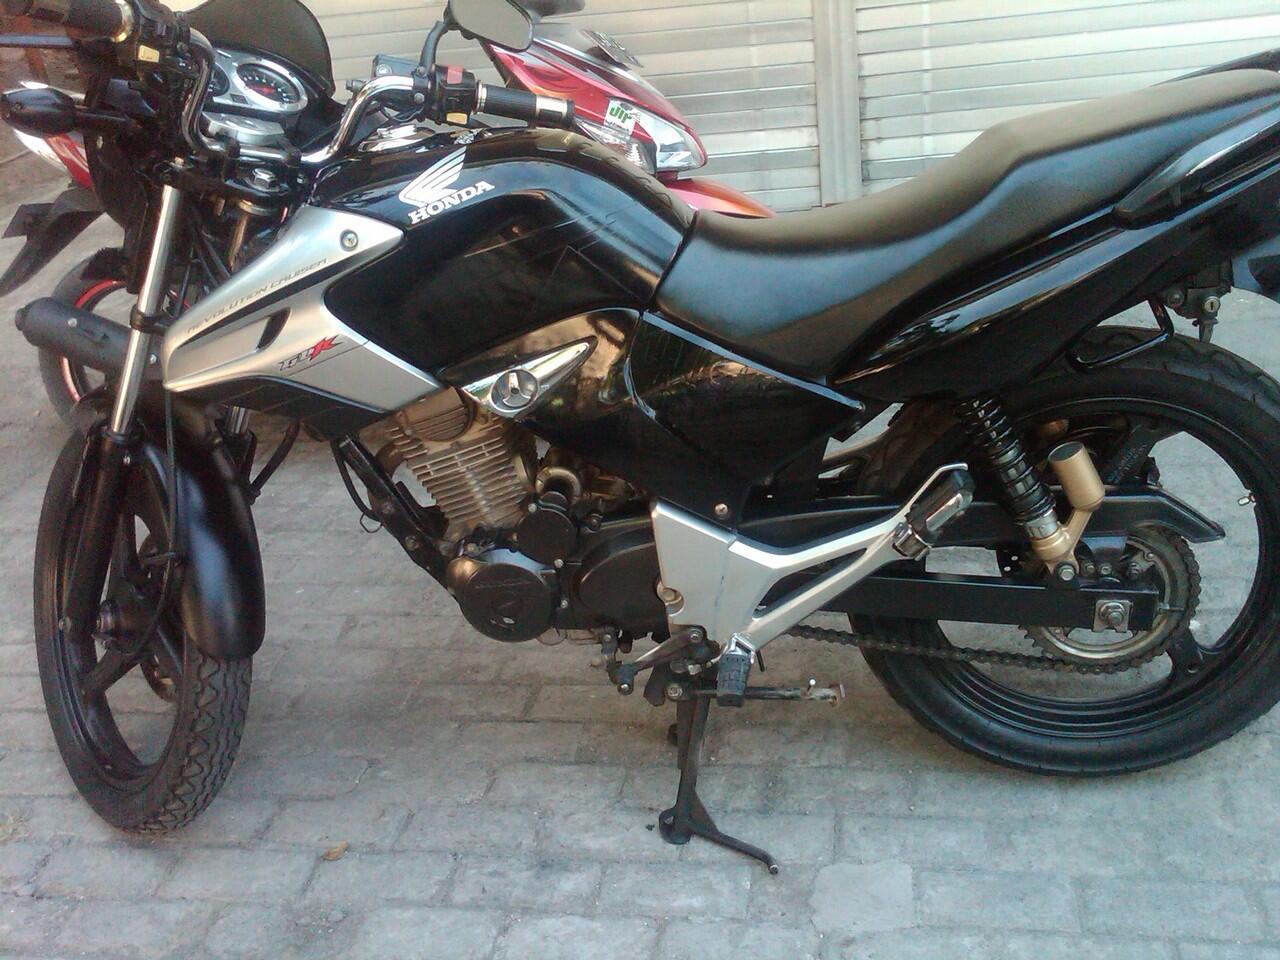 Terjual Tiger Revo 2009 Modif Kaki Kaki Gresik KASKUS